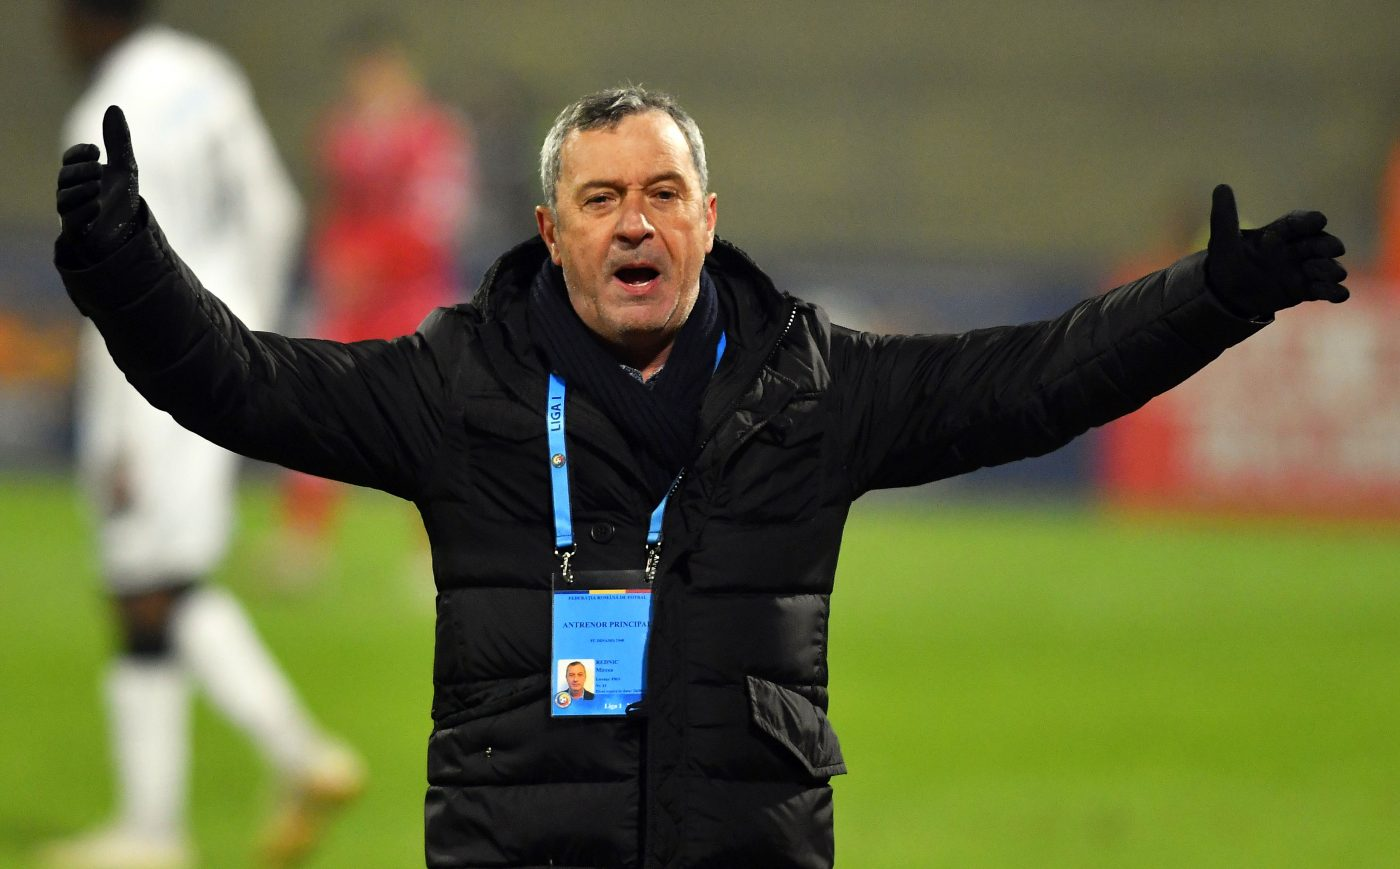 """Rednic vrea play-off-ul cu orice preț: """"Avem 16 meciuri de jucat, 16 finale!"""" - Cancan.ro"""